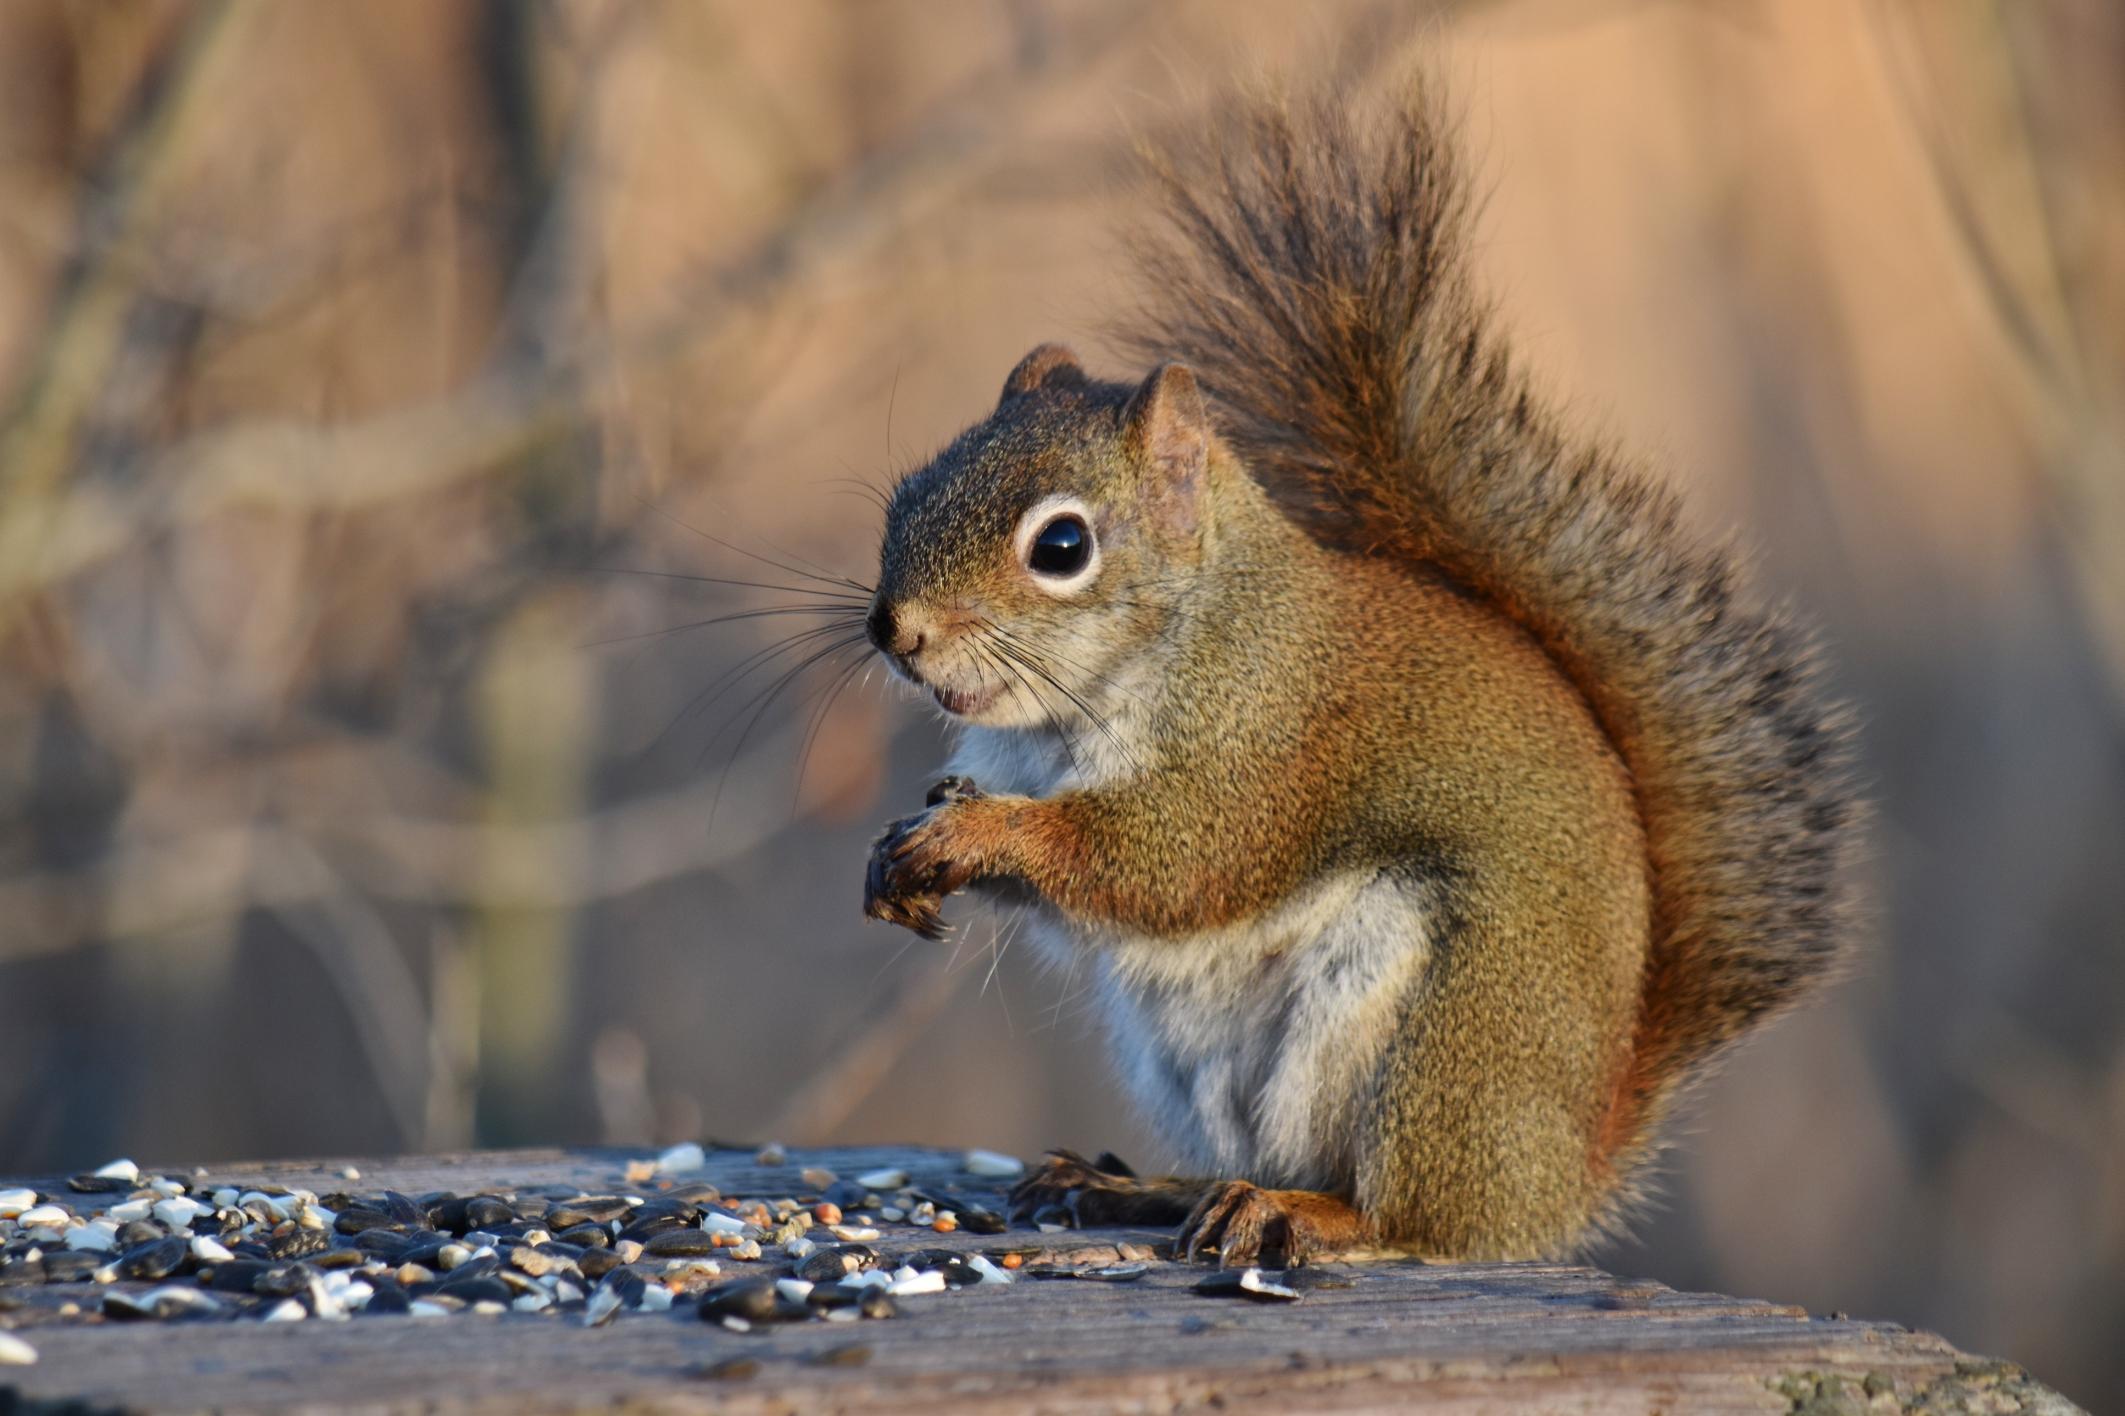 A squirrel photo